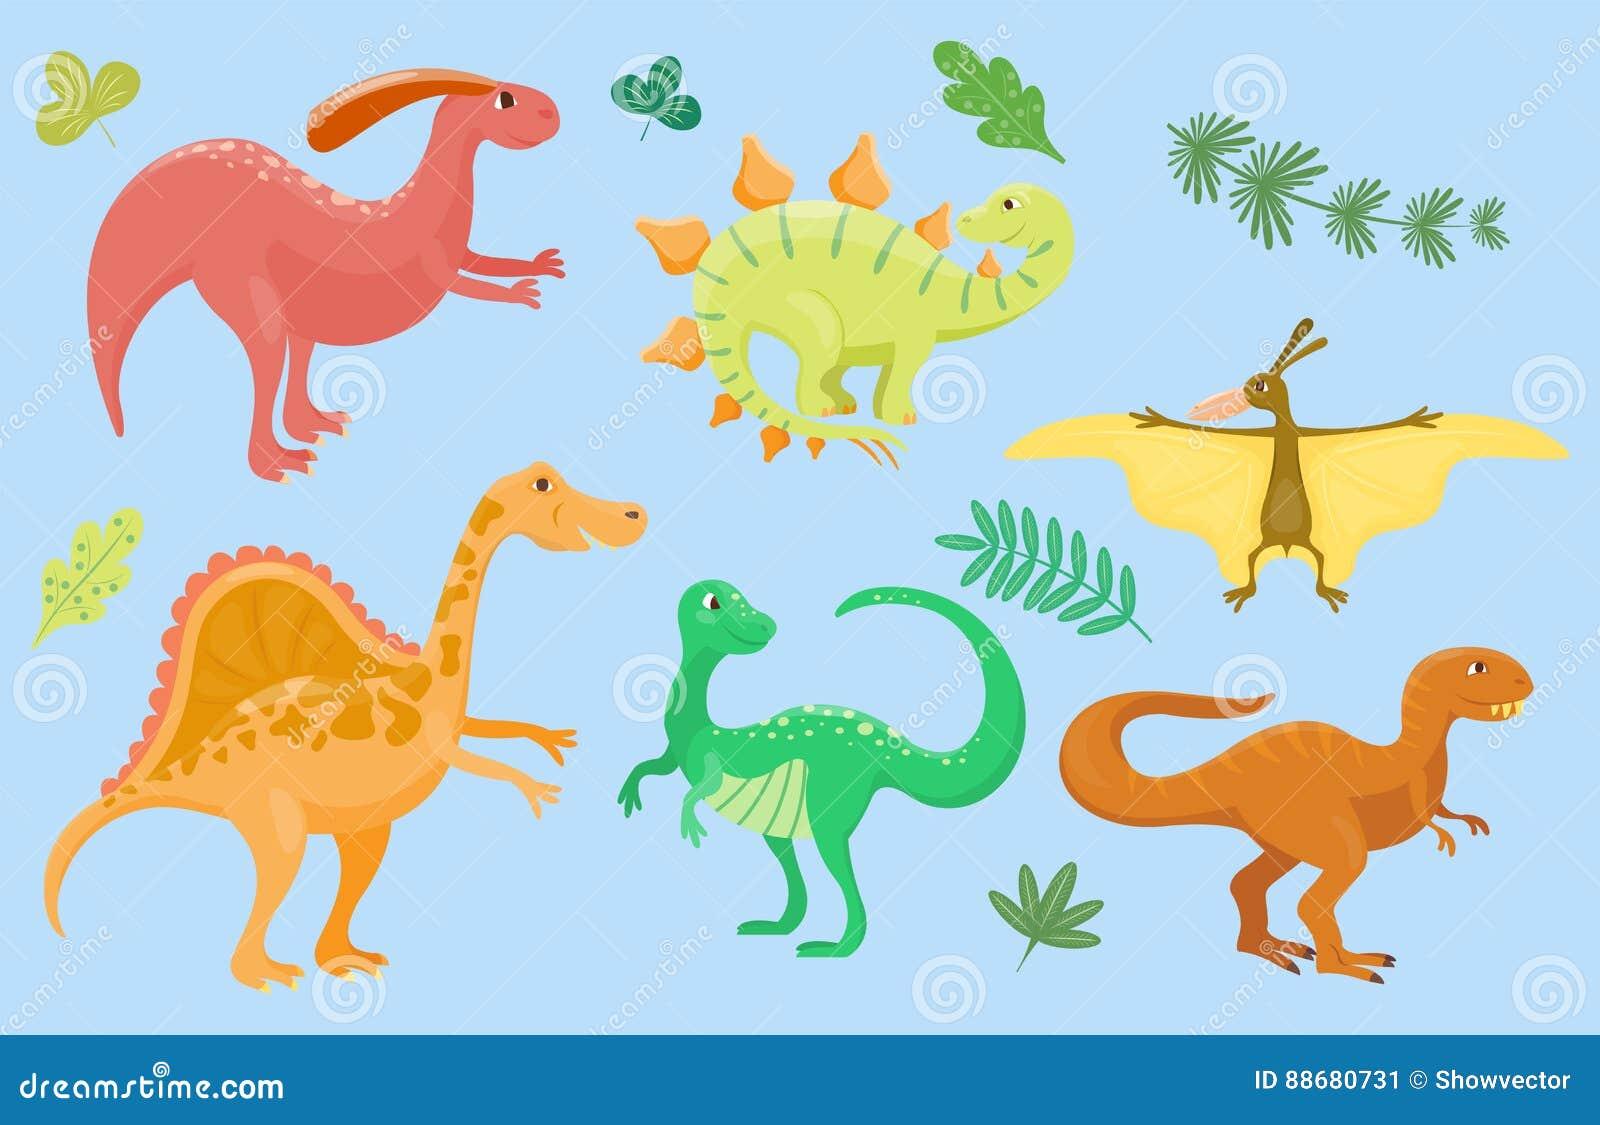 Kreskówka dinosaurów wektorowego ilustracyjnego potwora Dino charakteru gada zwierzęcy prehistoryczny drapieżnik jurassic